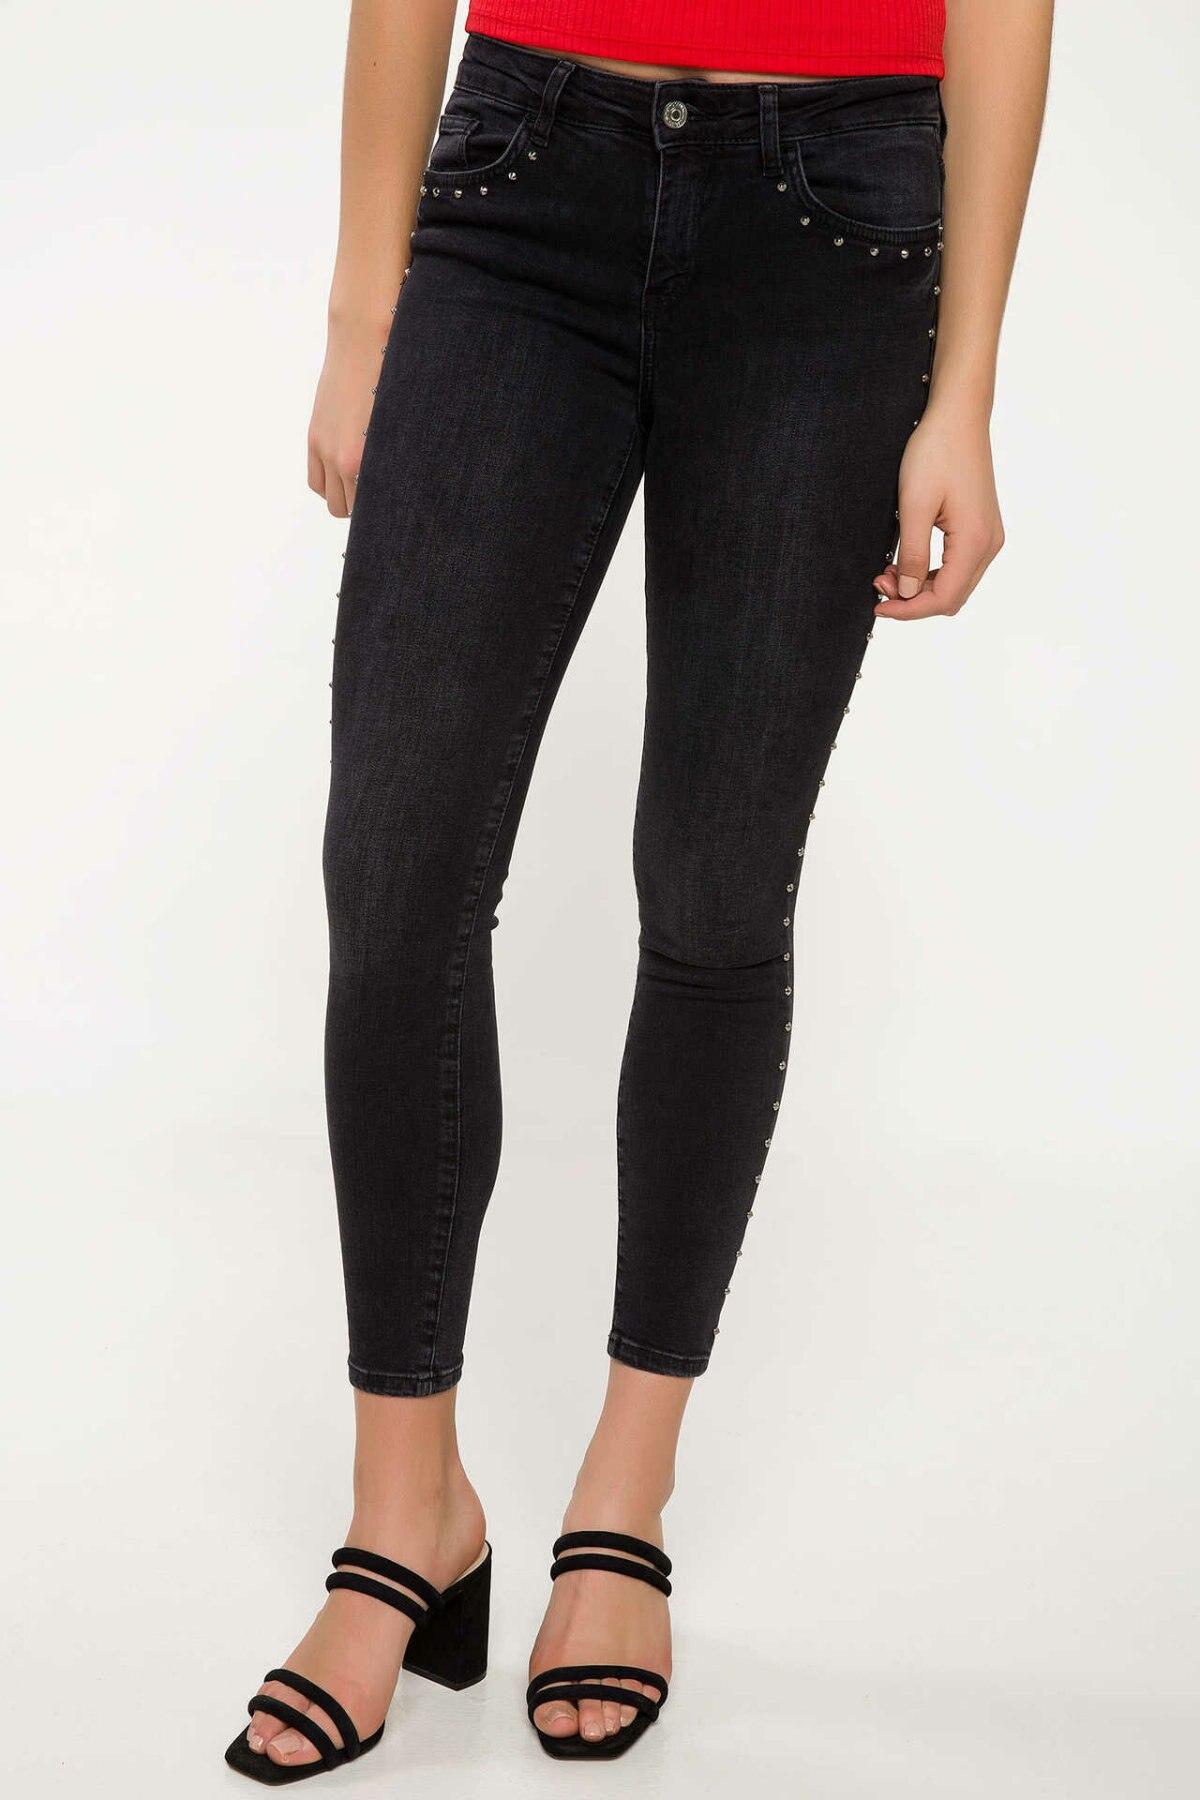 DeFacto Casual Woman Jeans Trousers Female Pencil Comfort Denim Pants Ladies Simple Joker Pants New Black - J0464AZ18SM